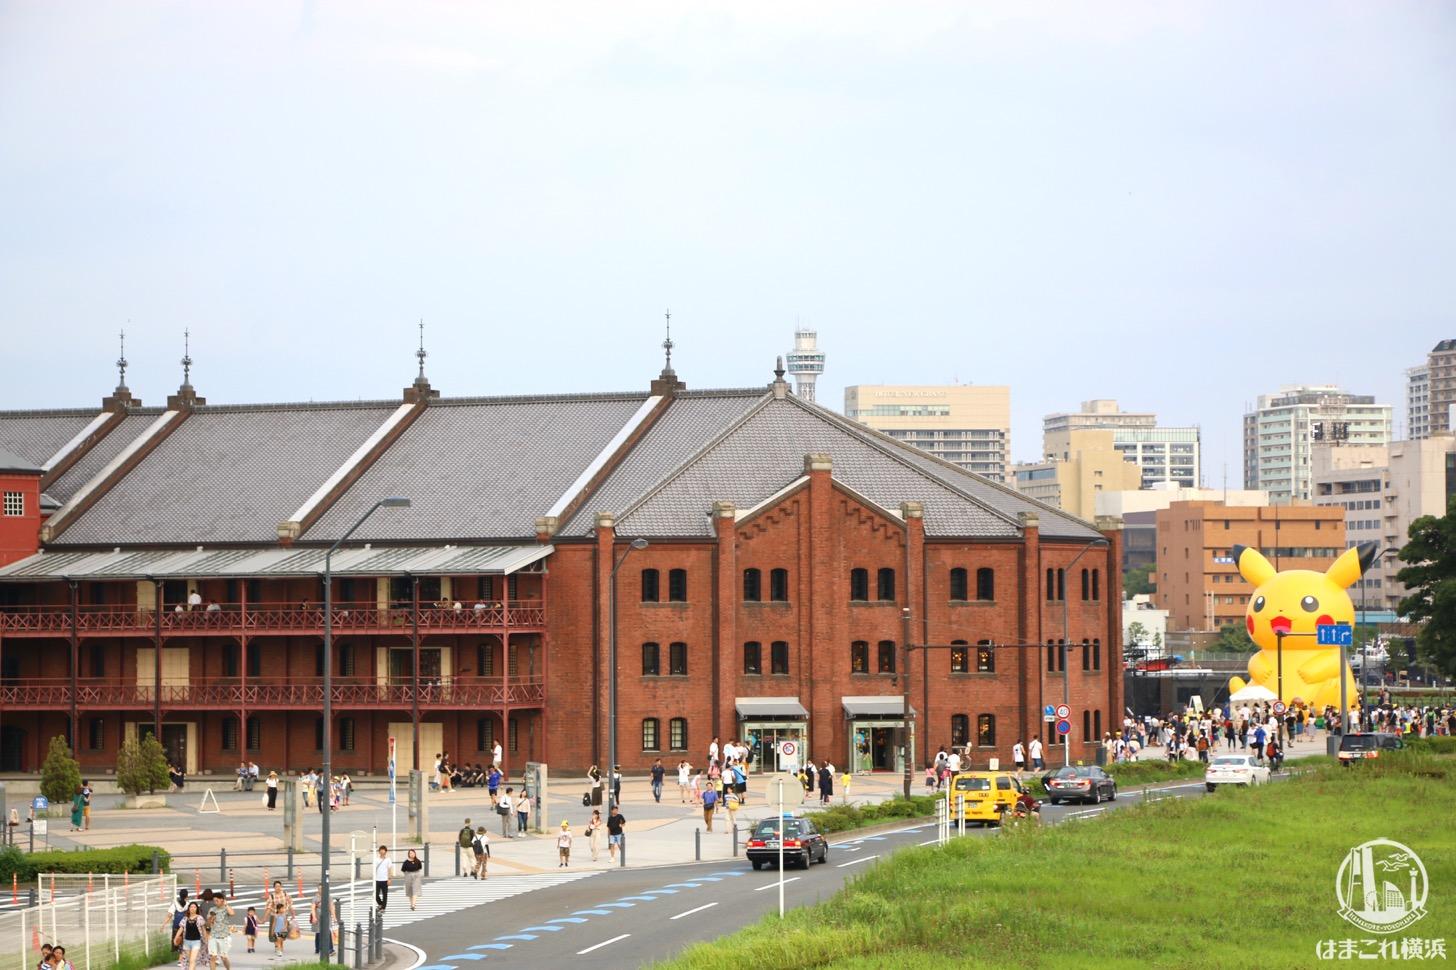 横浜赤レンガ倉庫 ピカチュウバルーン